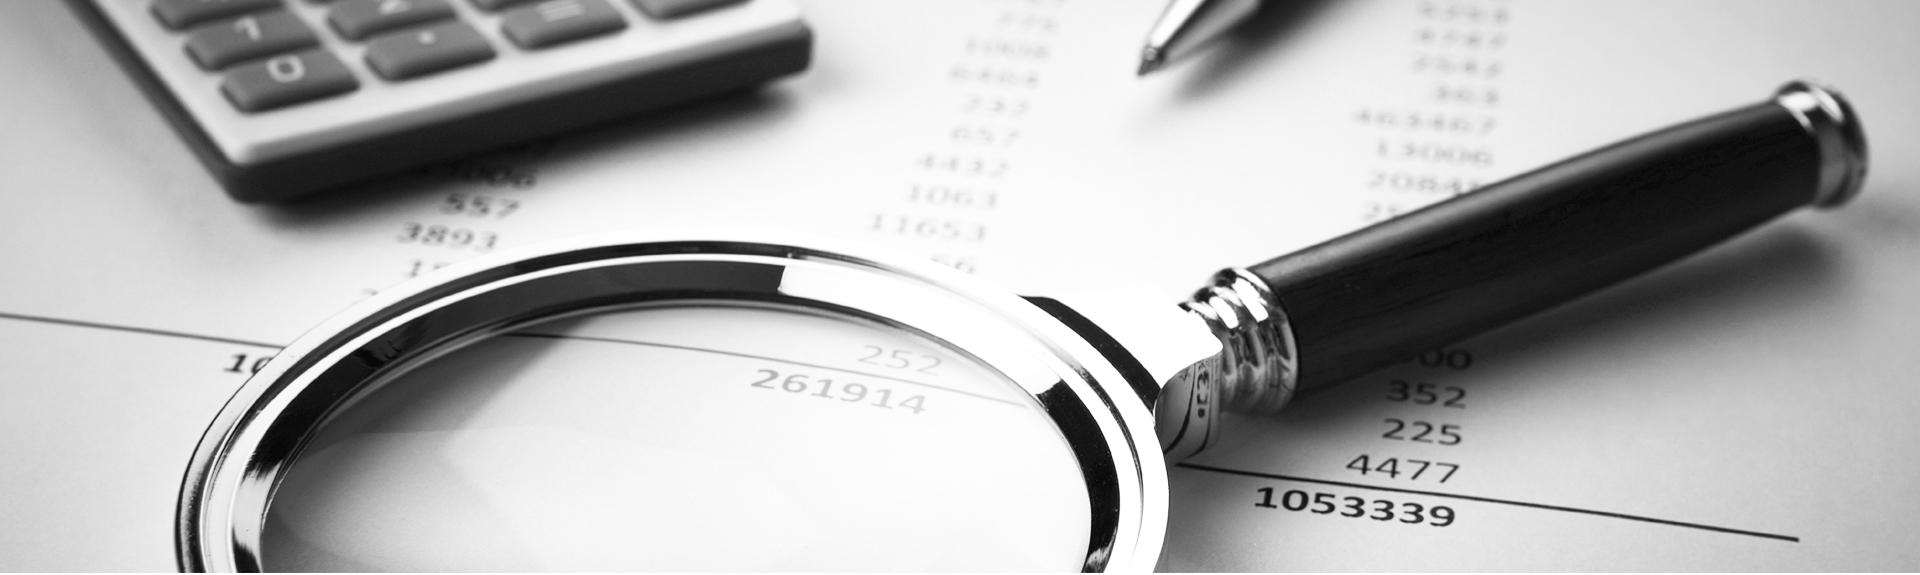 Юридический центр Бизнес Профф - c заботой о Вашем бизнесе